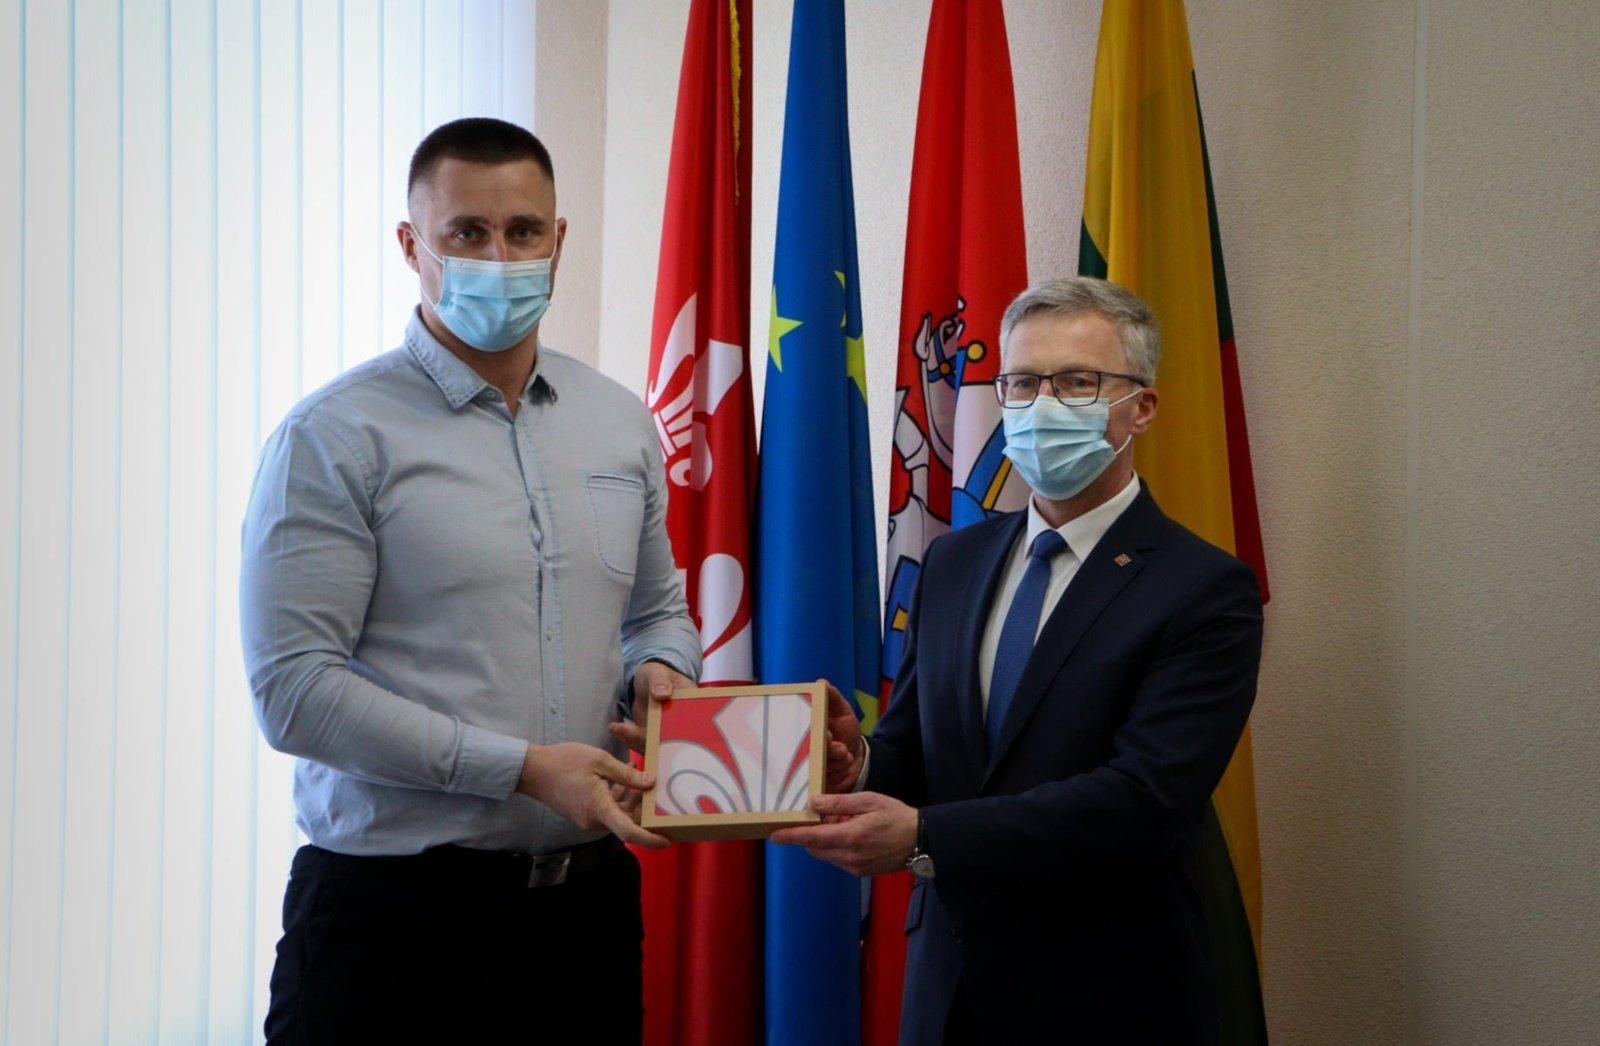 """Krepšinio klubo """"Jurbarkas"""" atstovams įteiktos savivaldybės mero padėkos"""